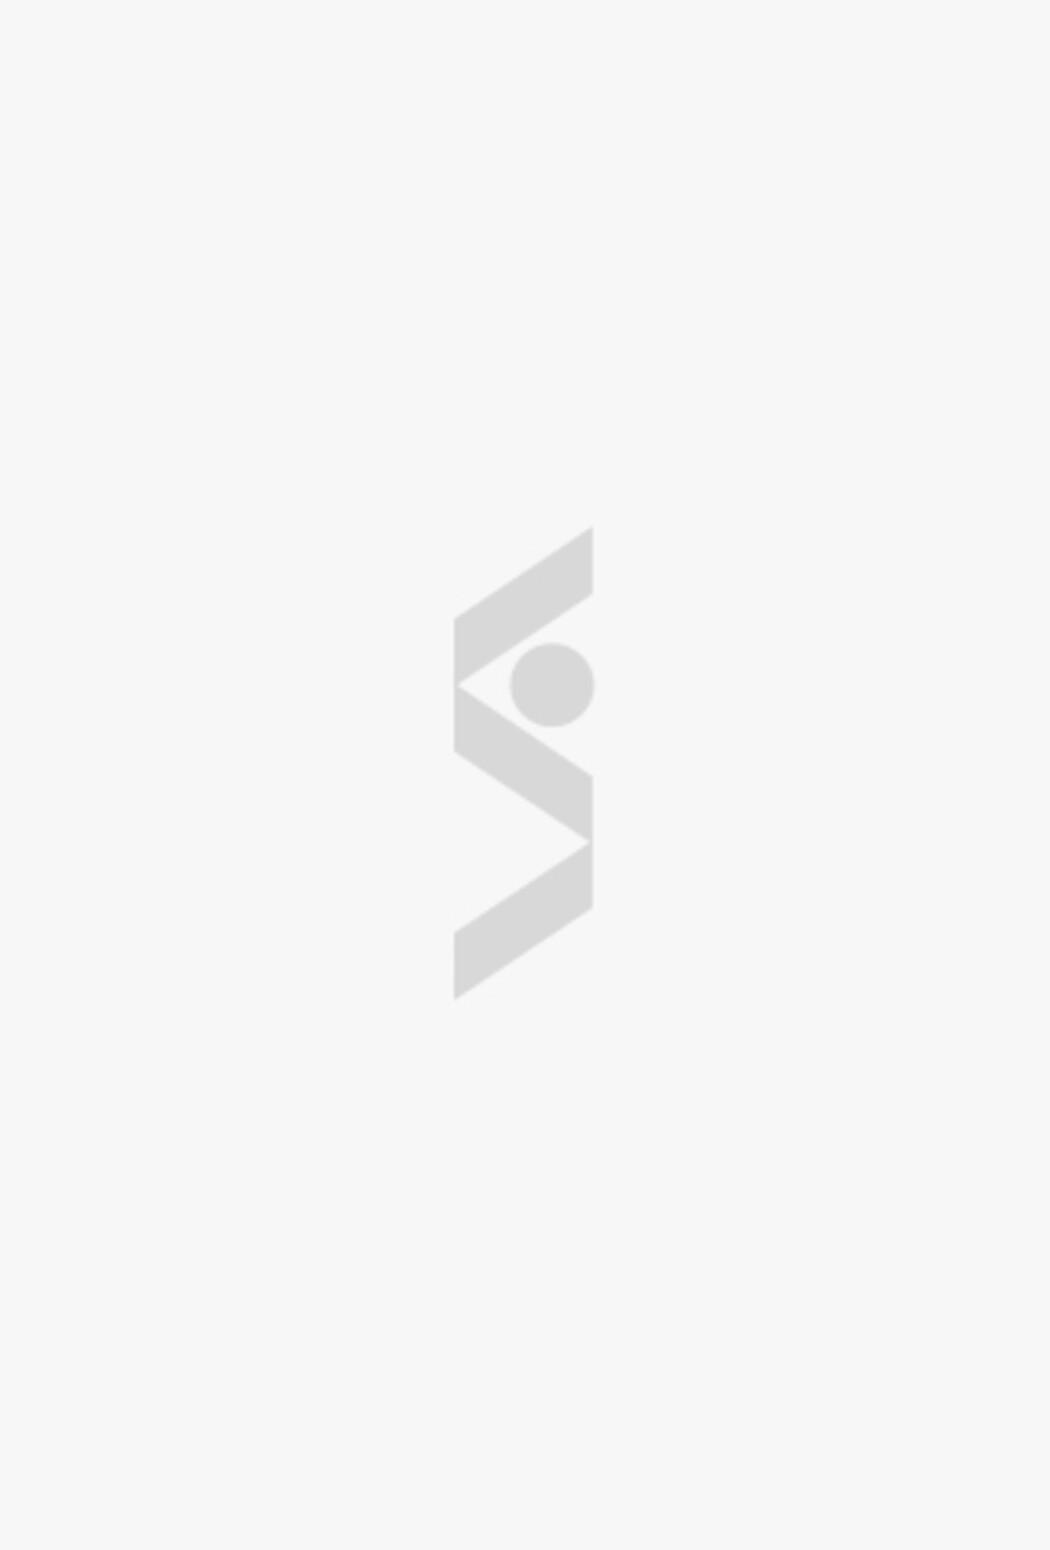 Однотонный лонгслив из хлопка Noom - цена 790 ₽ купить в интернет-магазине СТОКМАНН в Москве BAFC85AF-910D-4DEB-A33F-6FEB126D97E3